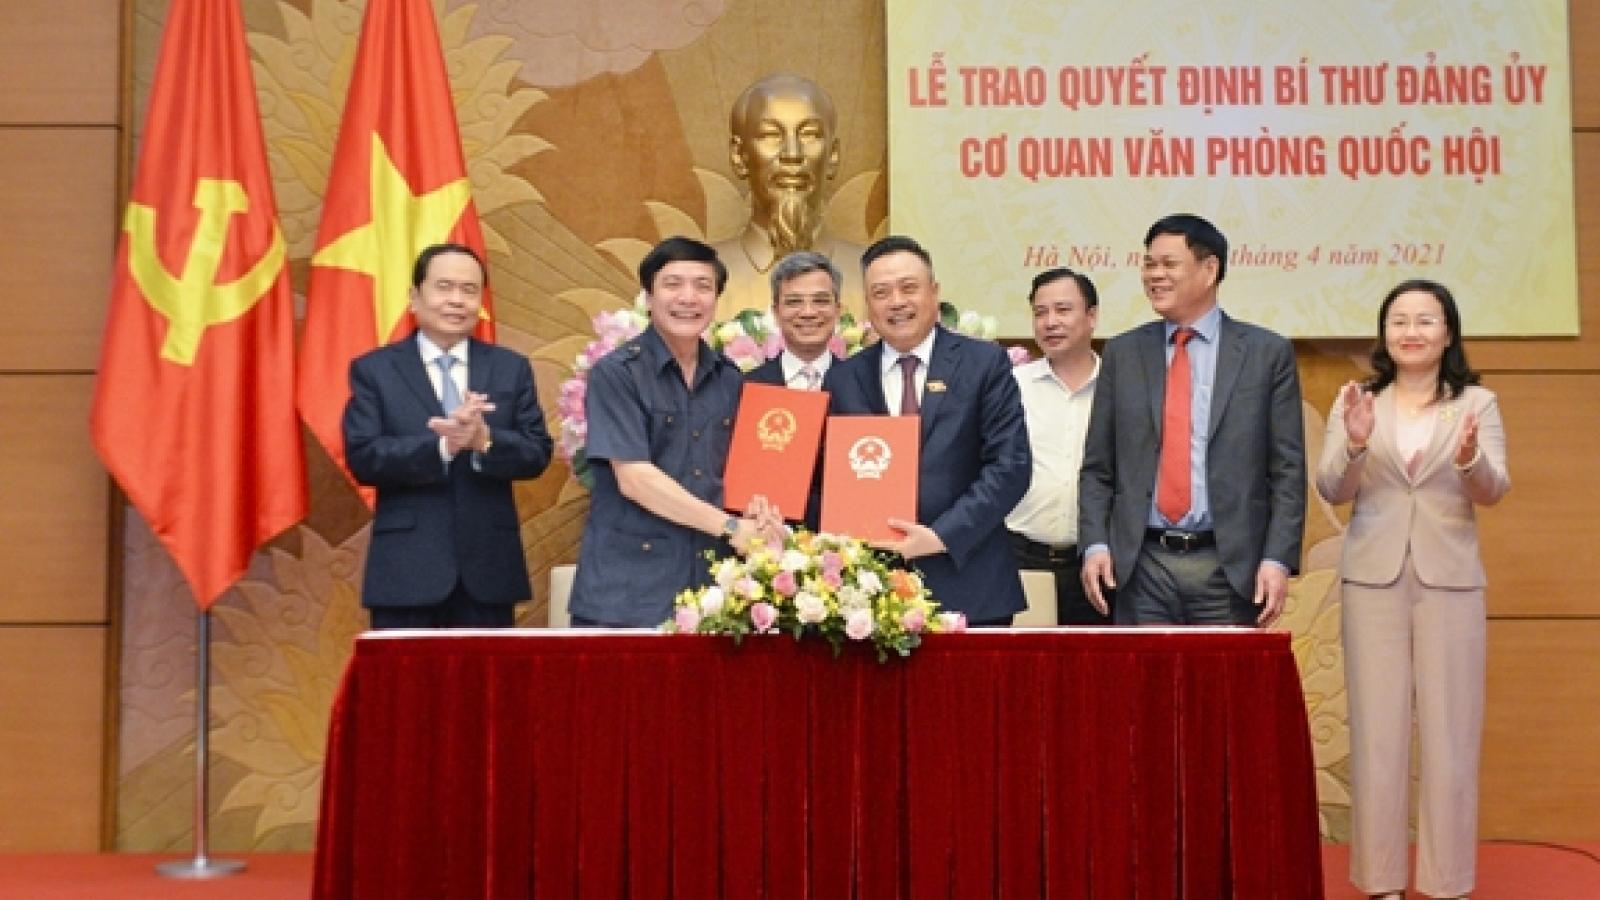 Ông Bùi Văn Cường làm Bí thư Đảng ủy Cơ quan Văn phòng Quốc hội